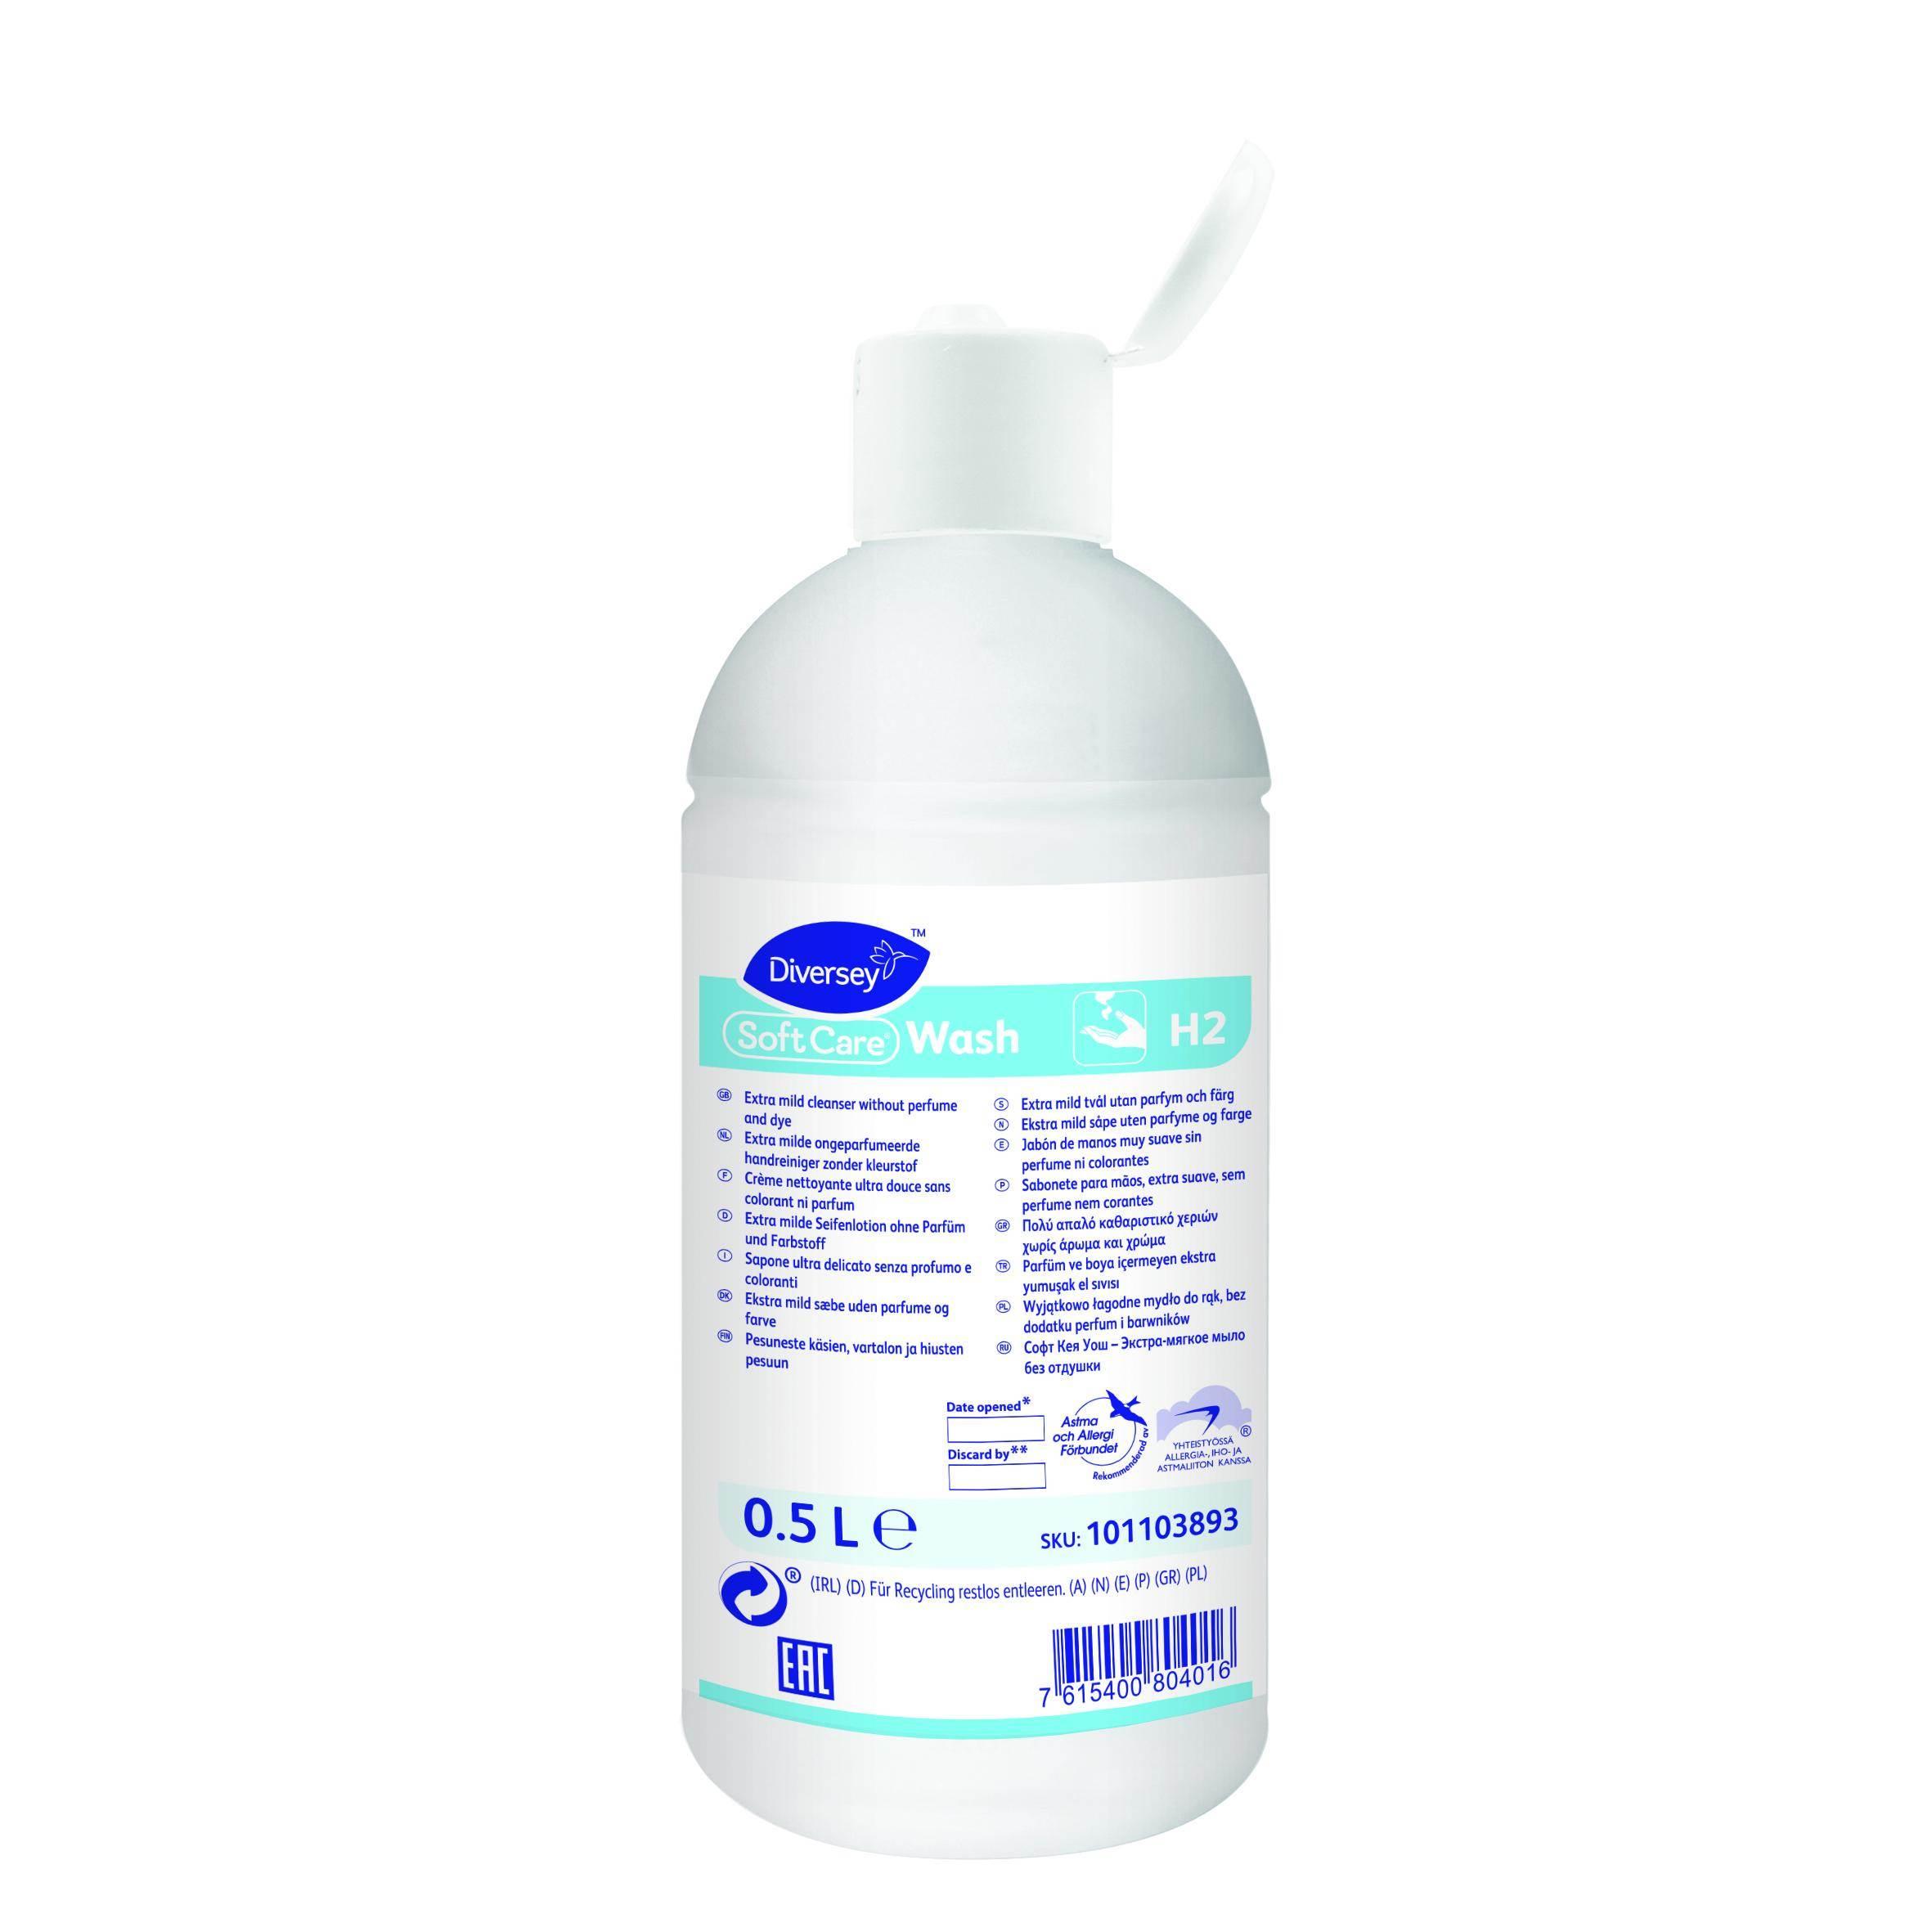 101103893-Soft-Care-Wash-H2-10x0.5L-W739-CMYK-20x20cm.jpg